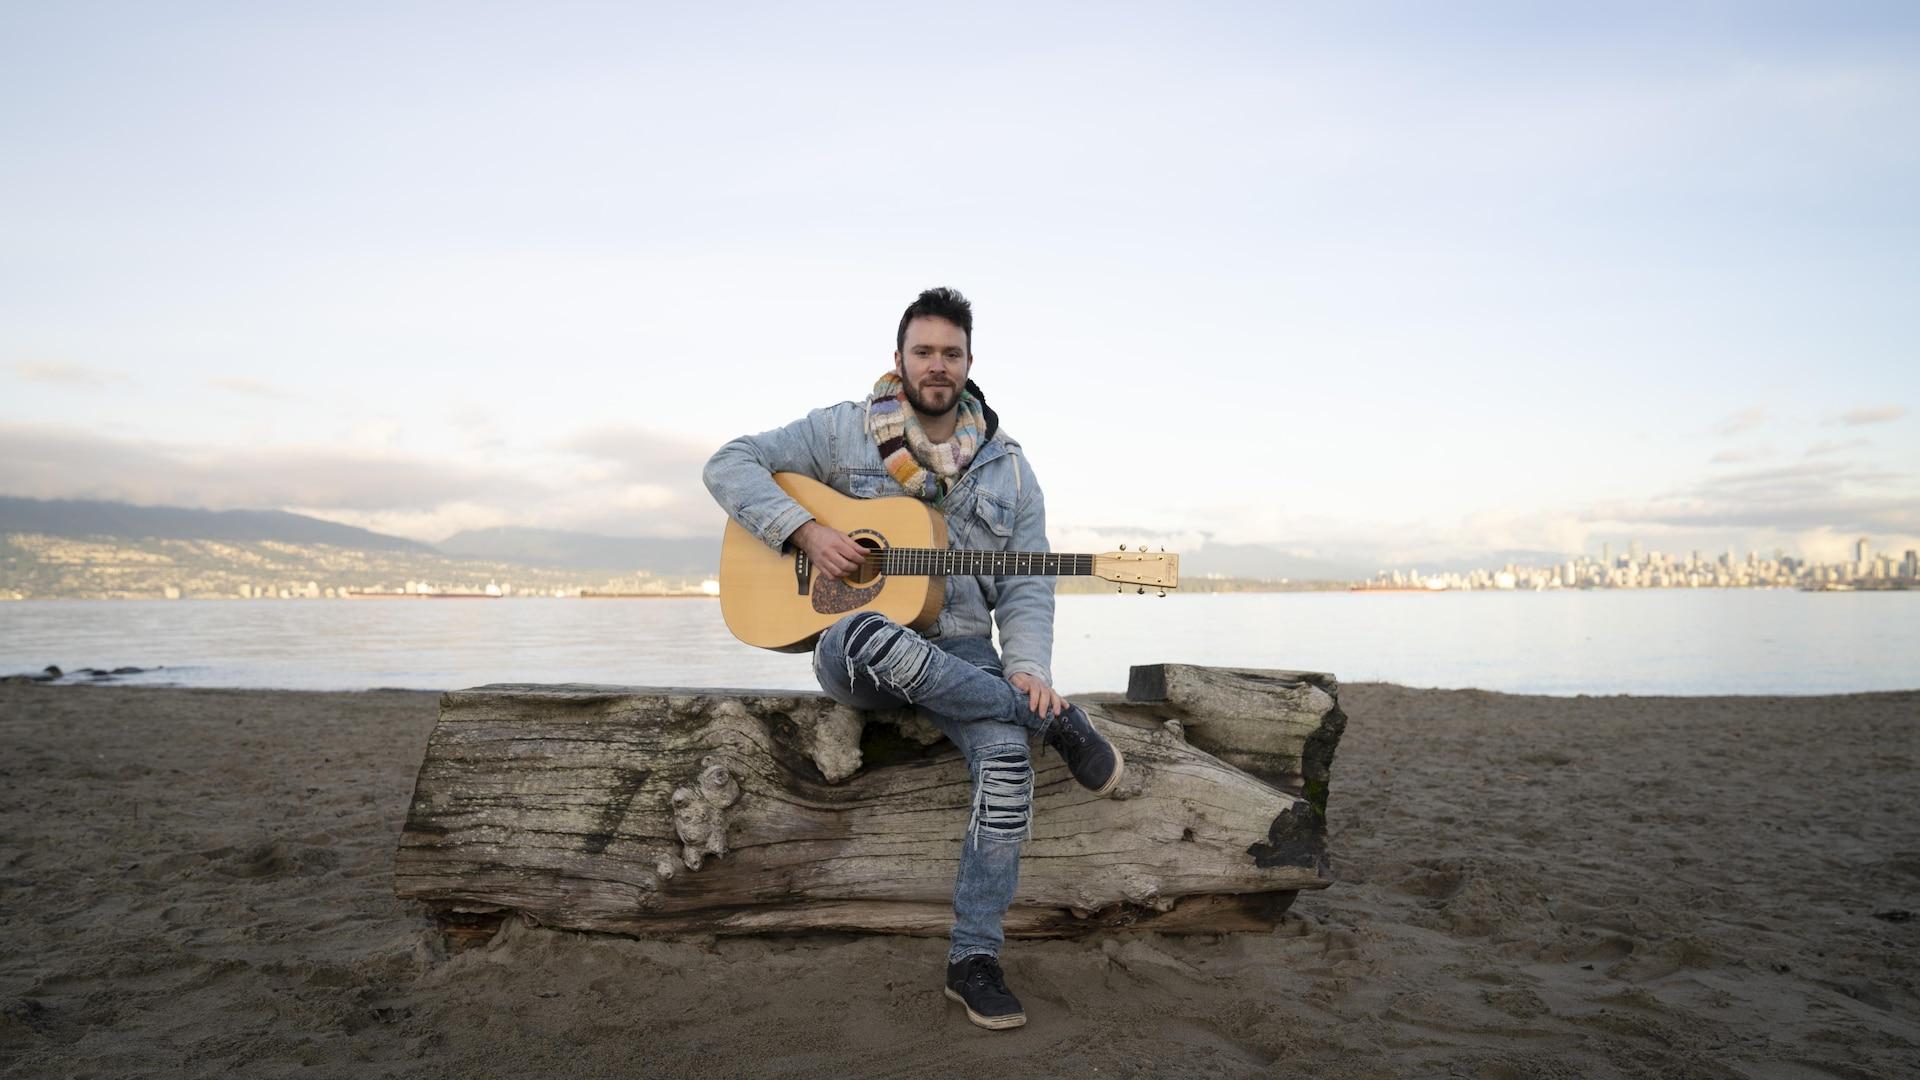 Matt Stern assis avec sa guitare sur un tronc d'arbre à la plage.